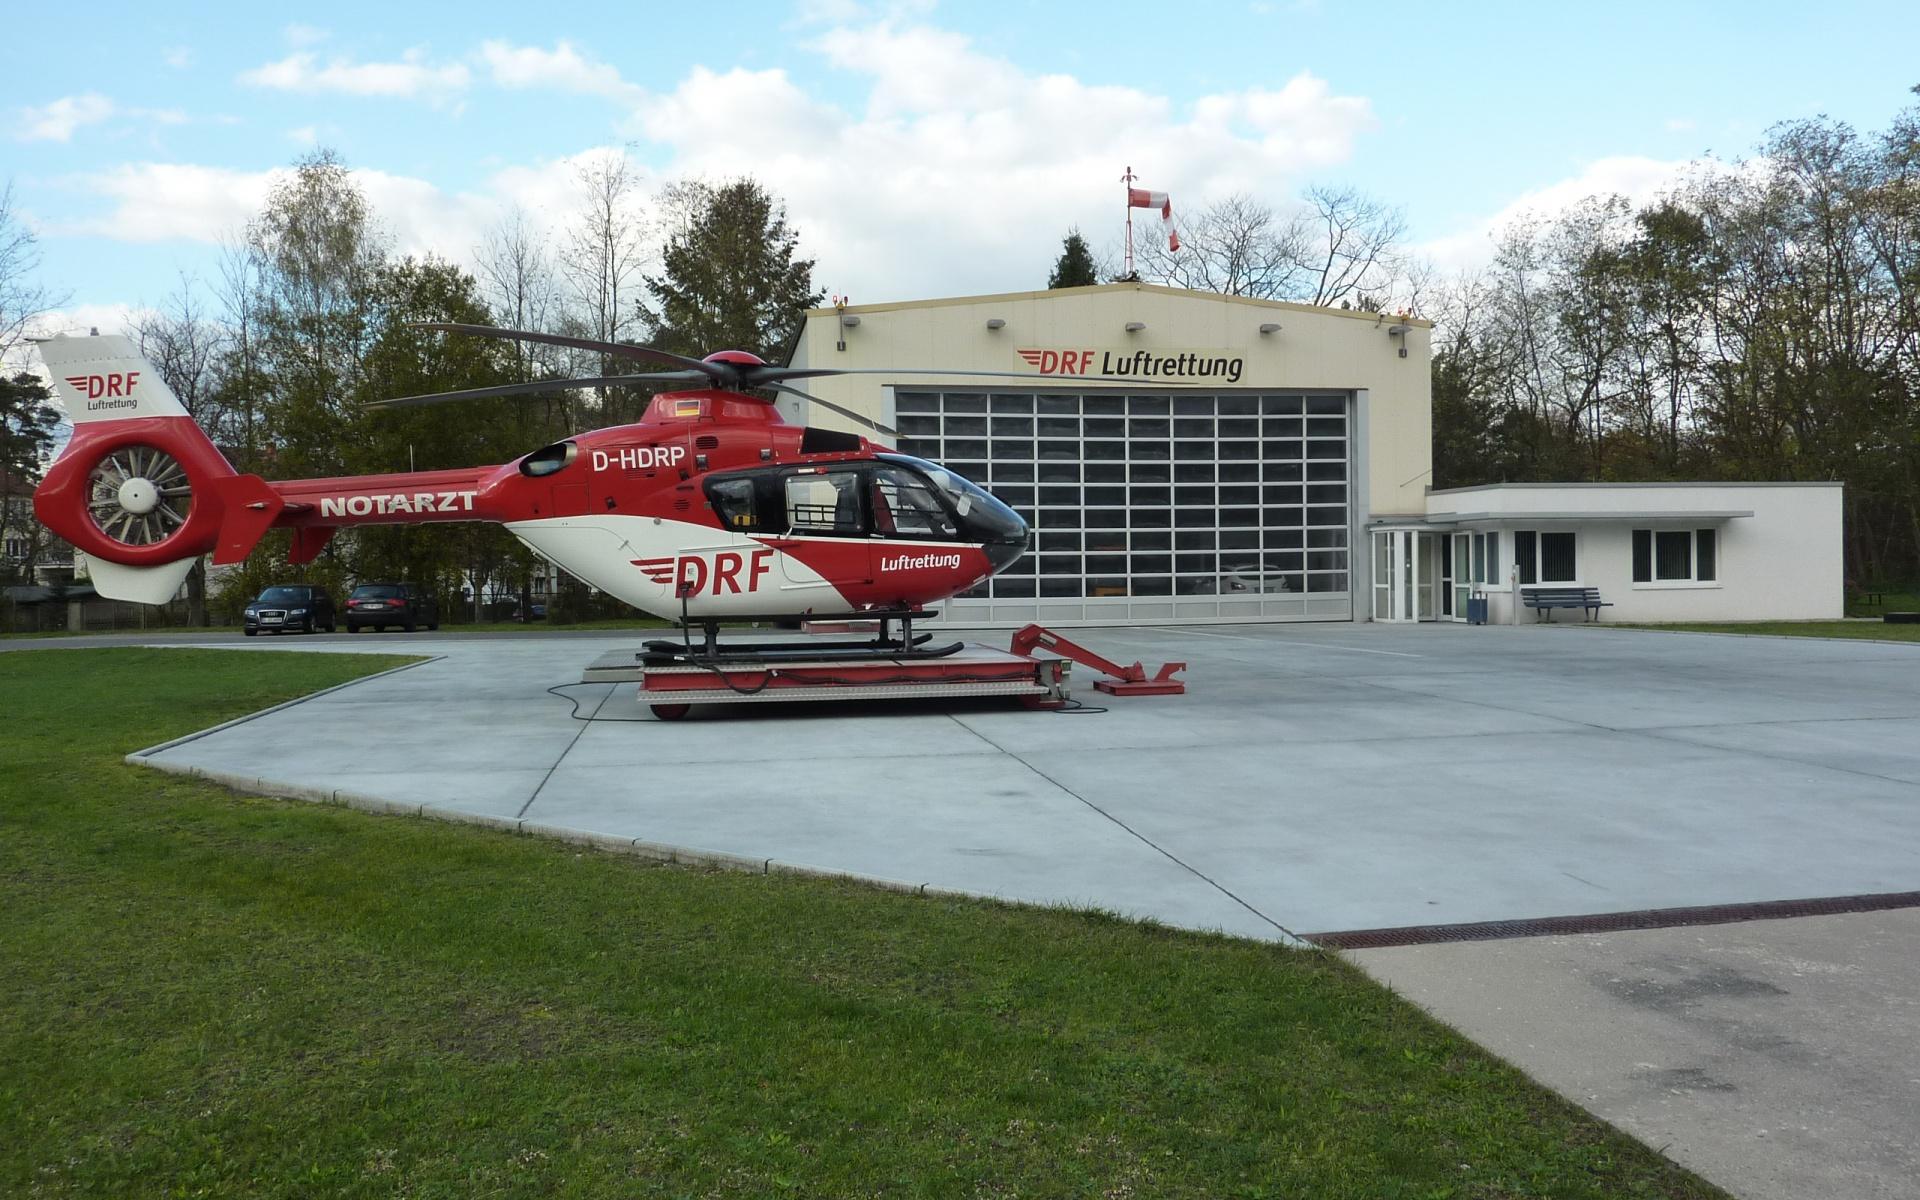 Steht von 7.00 Uhr morgens bis Sonnenuntergang bereit, 365 Tage im Jahr: Christoph 49, der am Helios Klinikum Bad Saarow stationierte Hubschrauber der DRF Luftrettung.